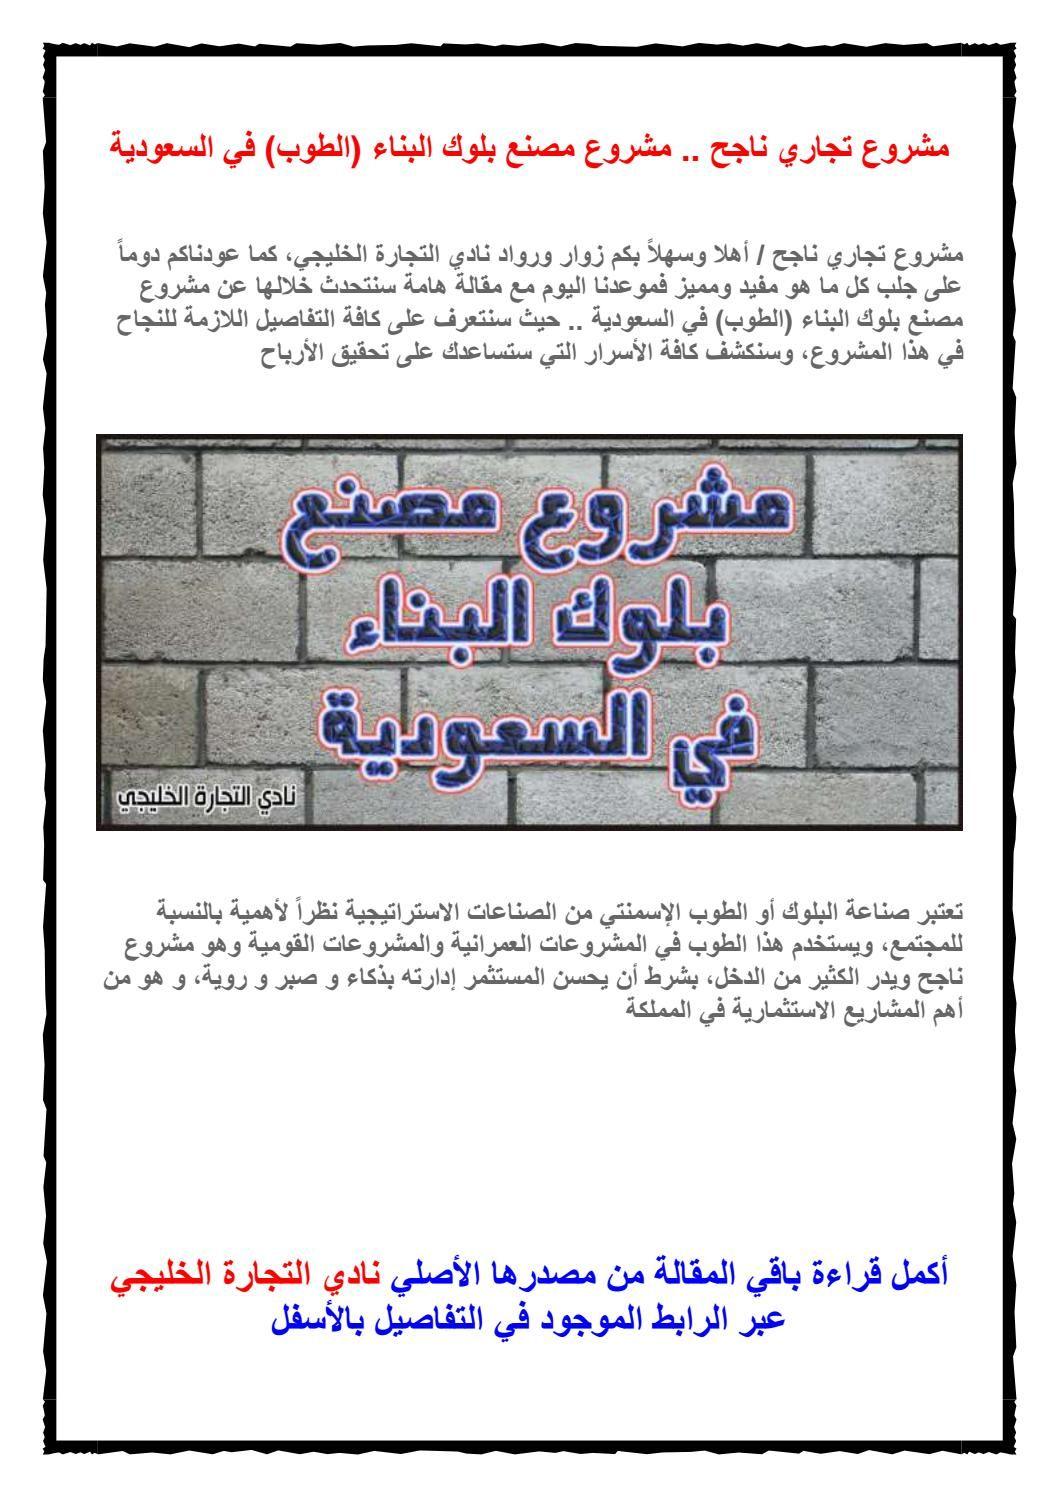 مشروع تجاري ناجح مشروع مصنع بلوك البناء الطوب في السعودية Microsoft Word Document Words Microsoft Word